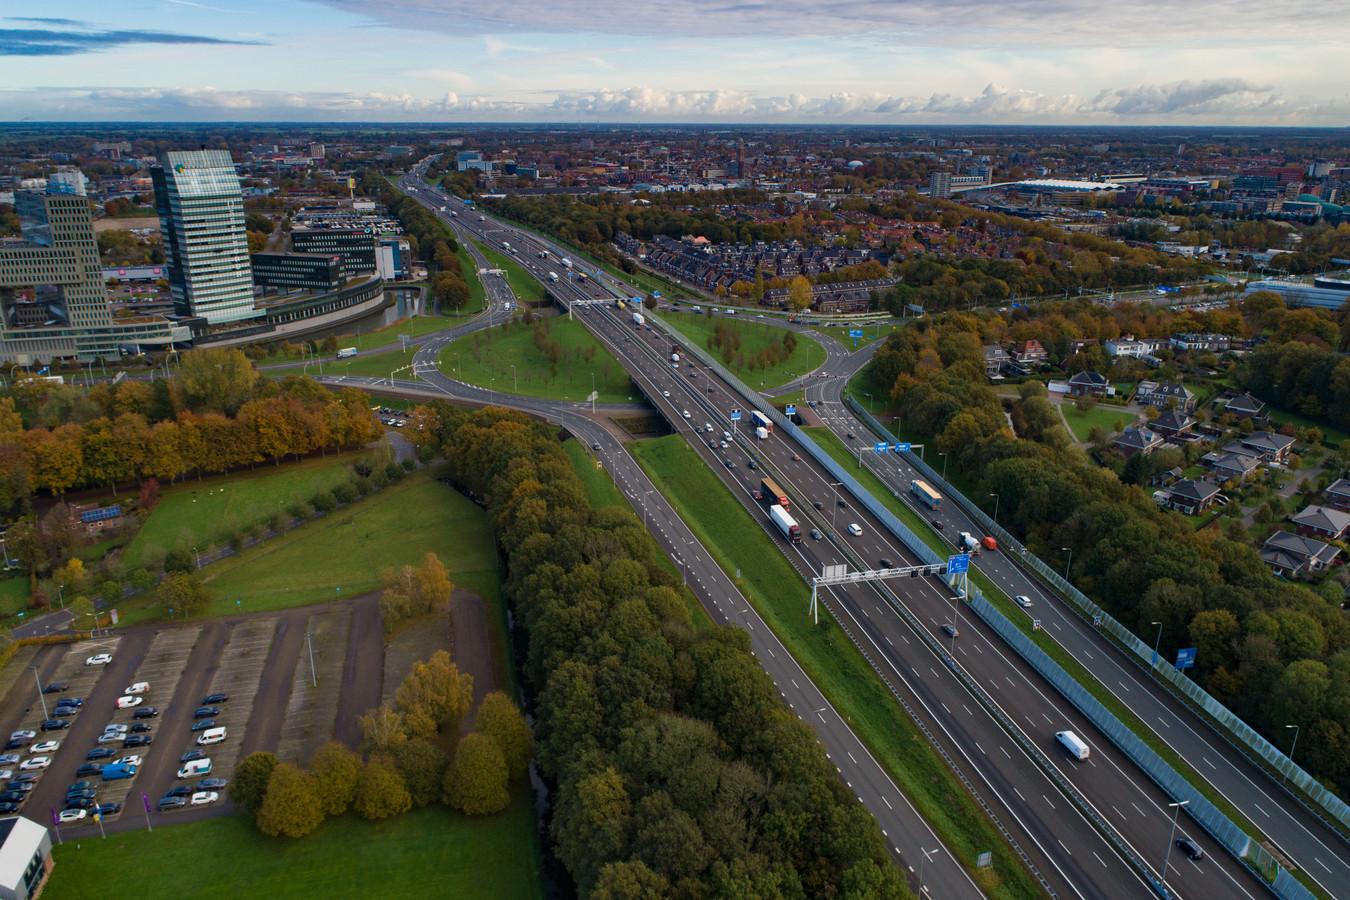 De A28 in Zwolle, in de toekomst ondergronds?